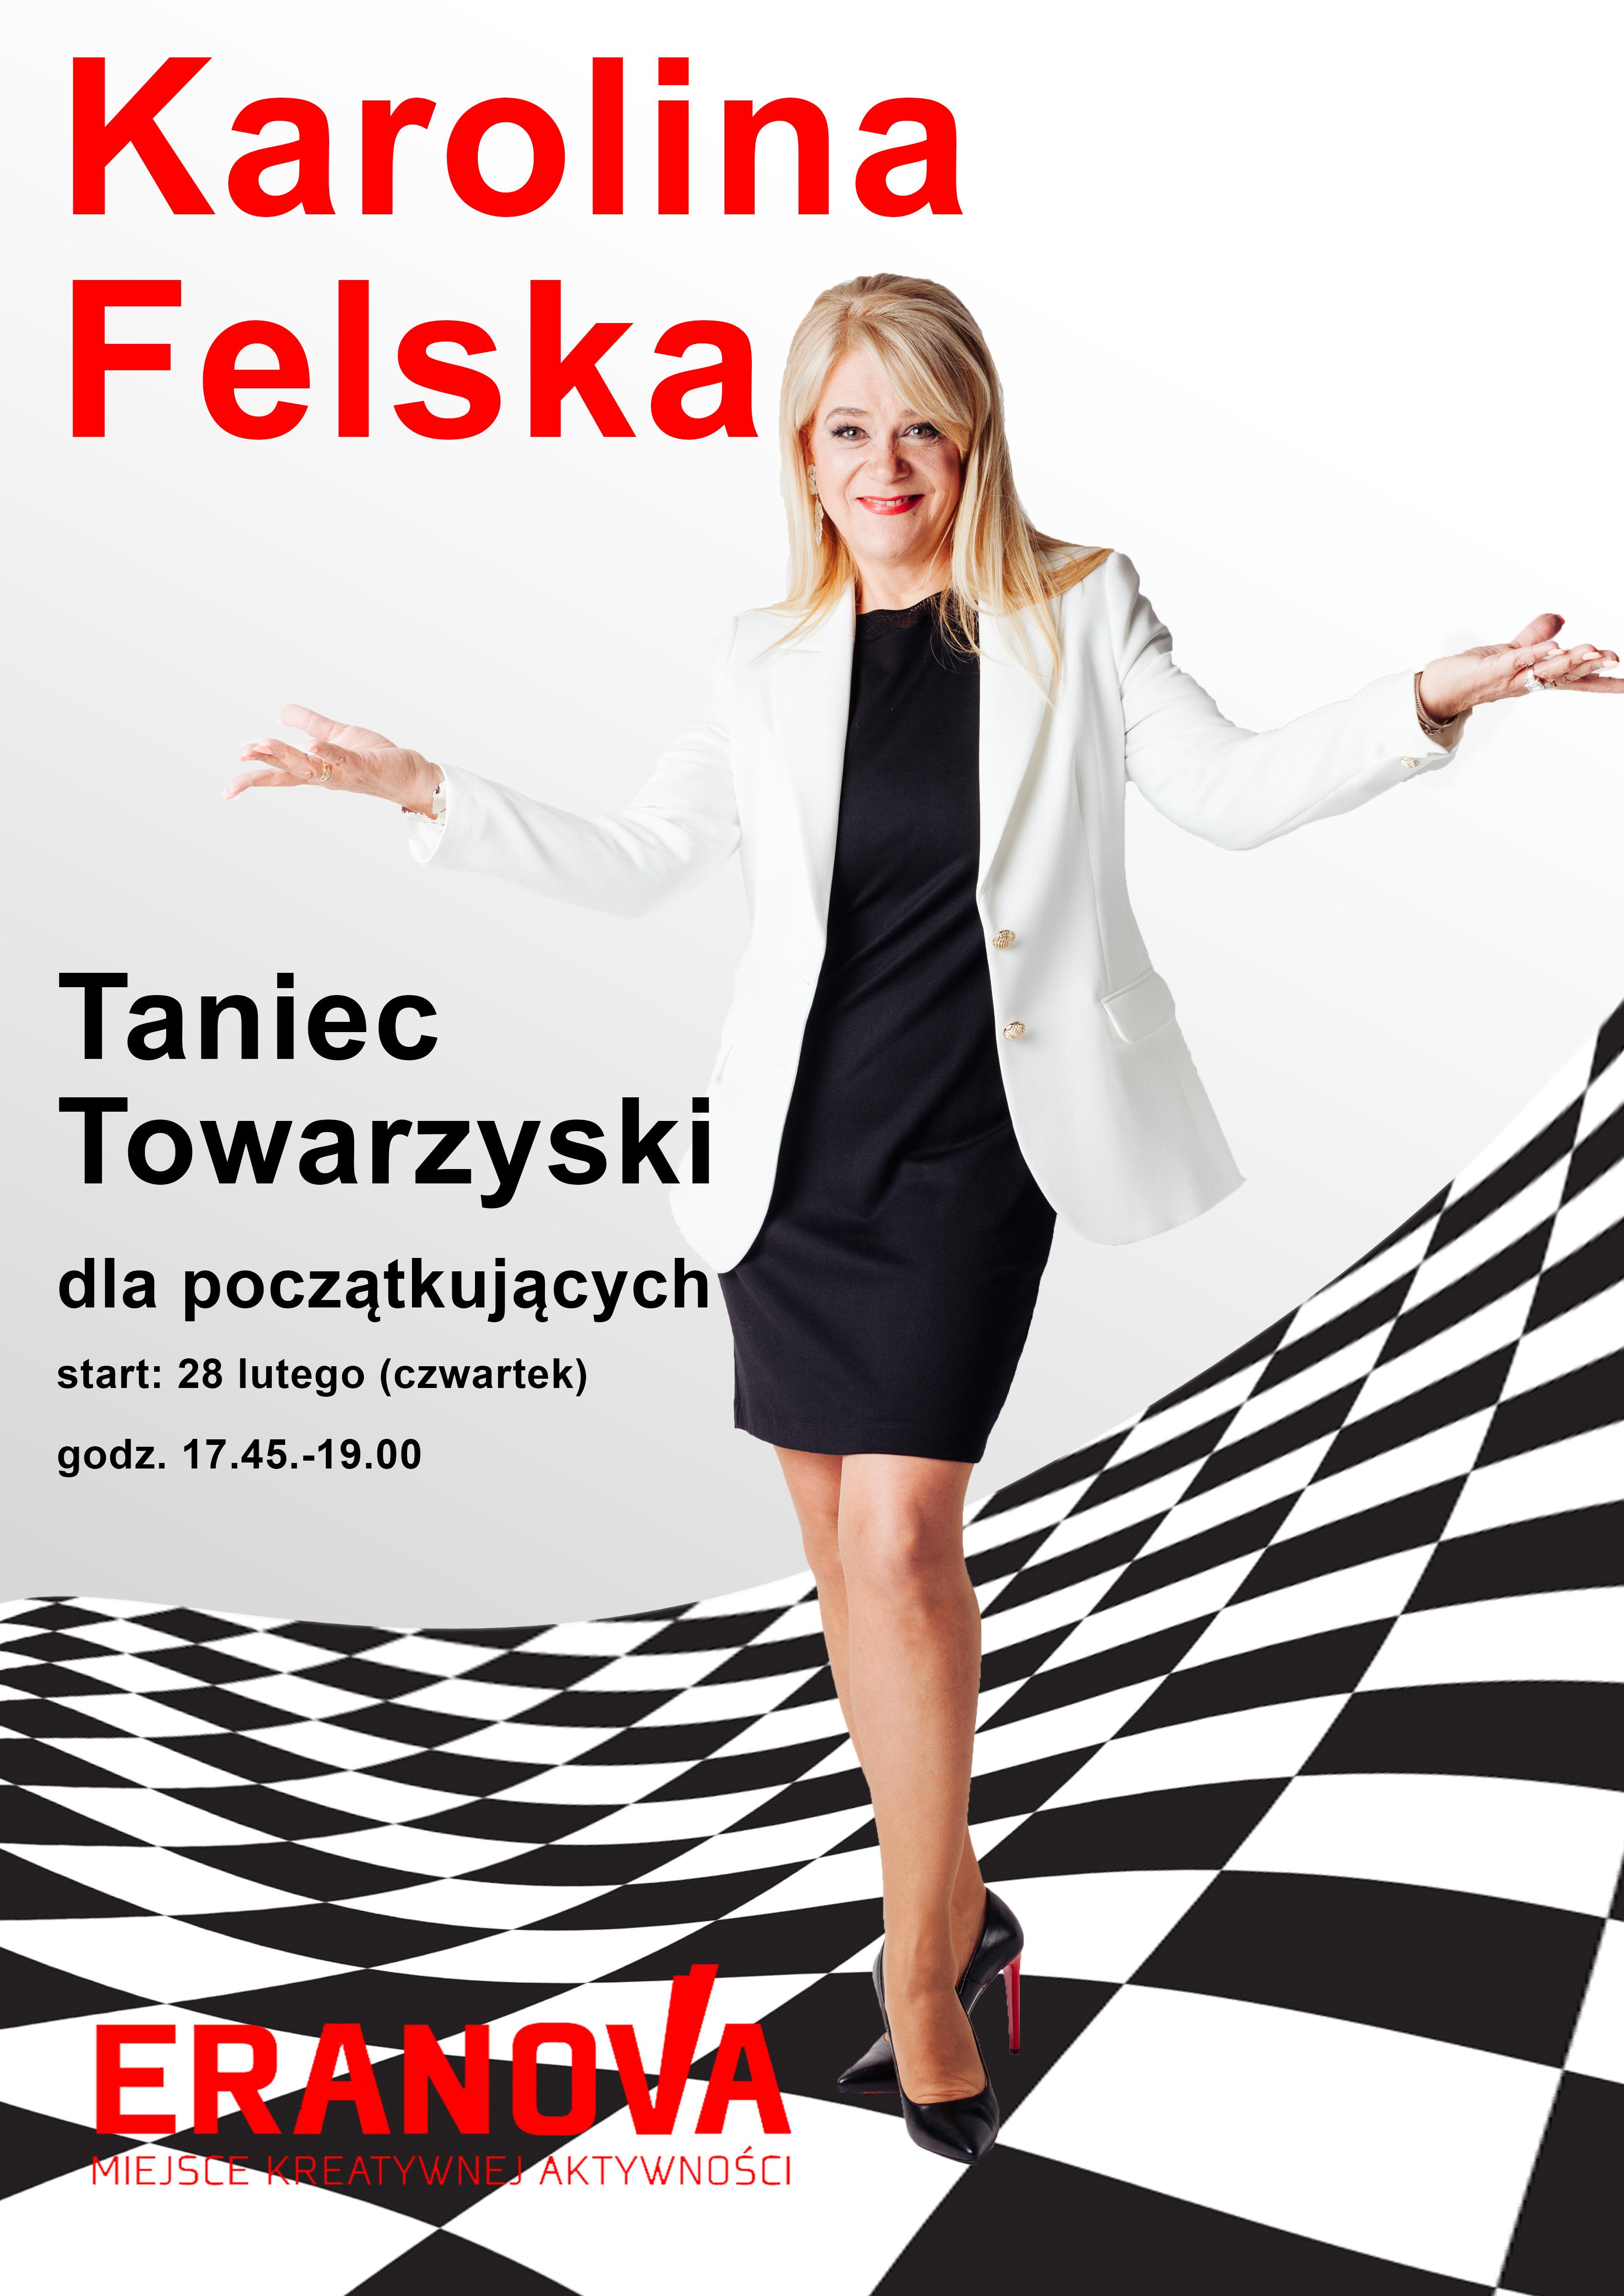 http://m.eranova.pl/2019/01/orig/karolina-felska-2907.jpg